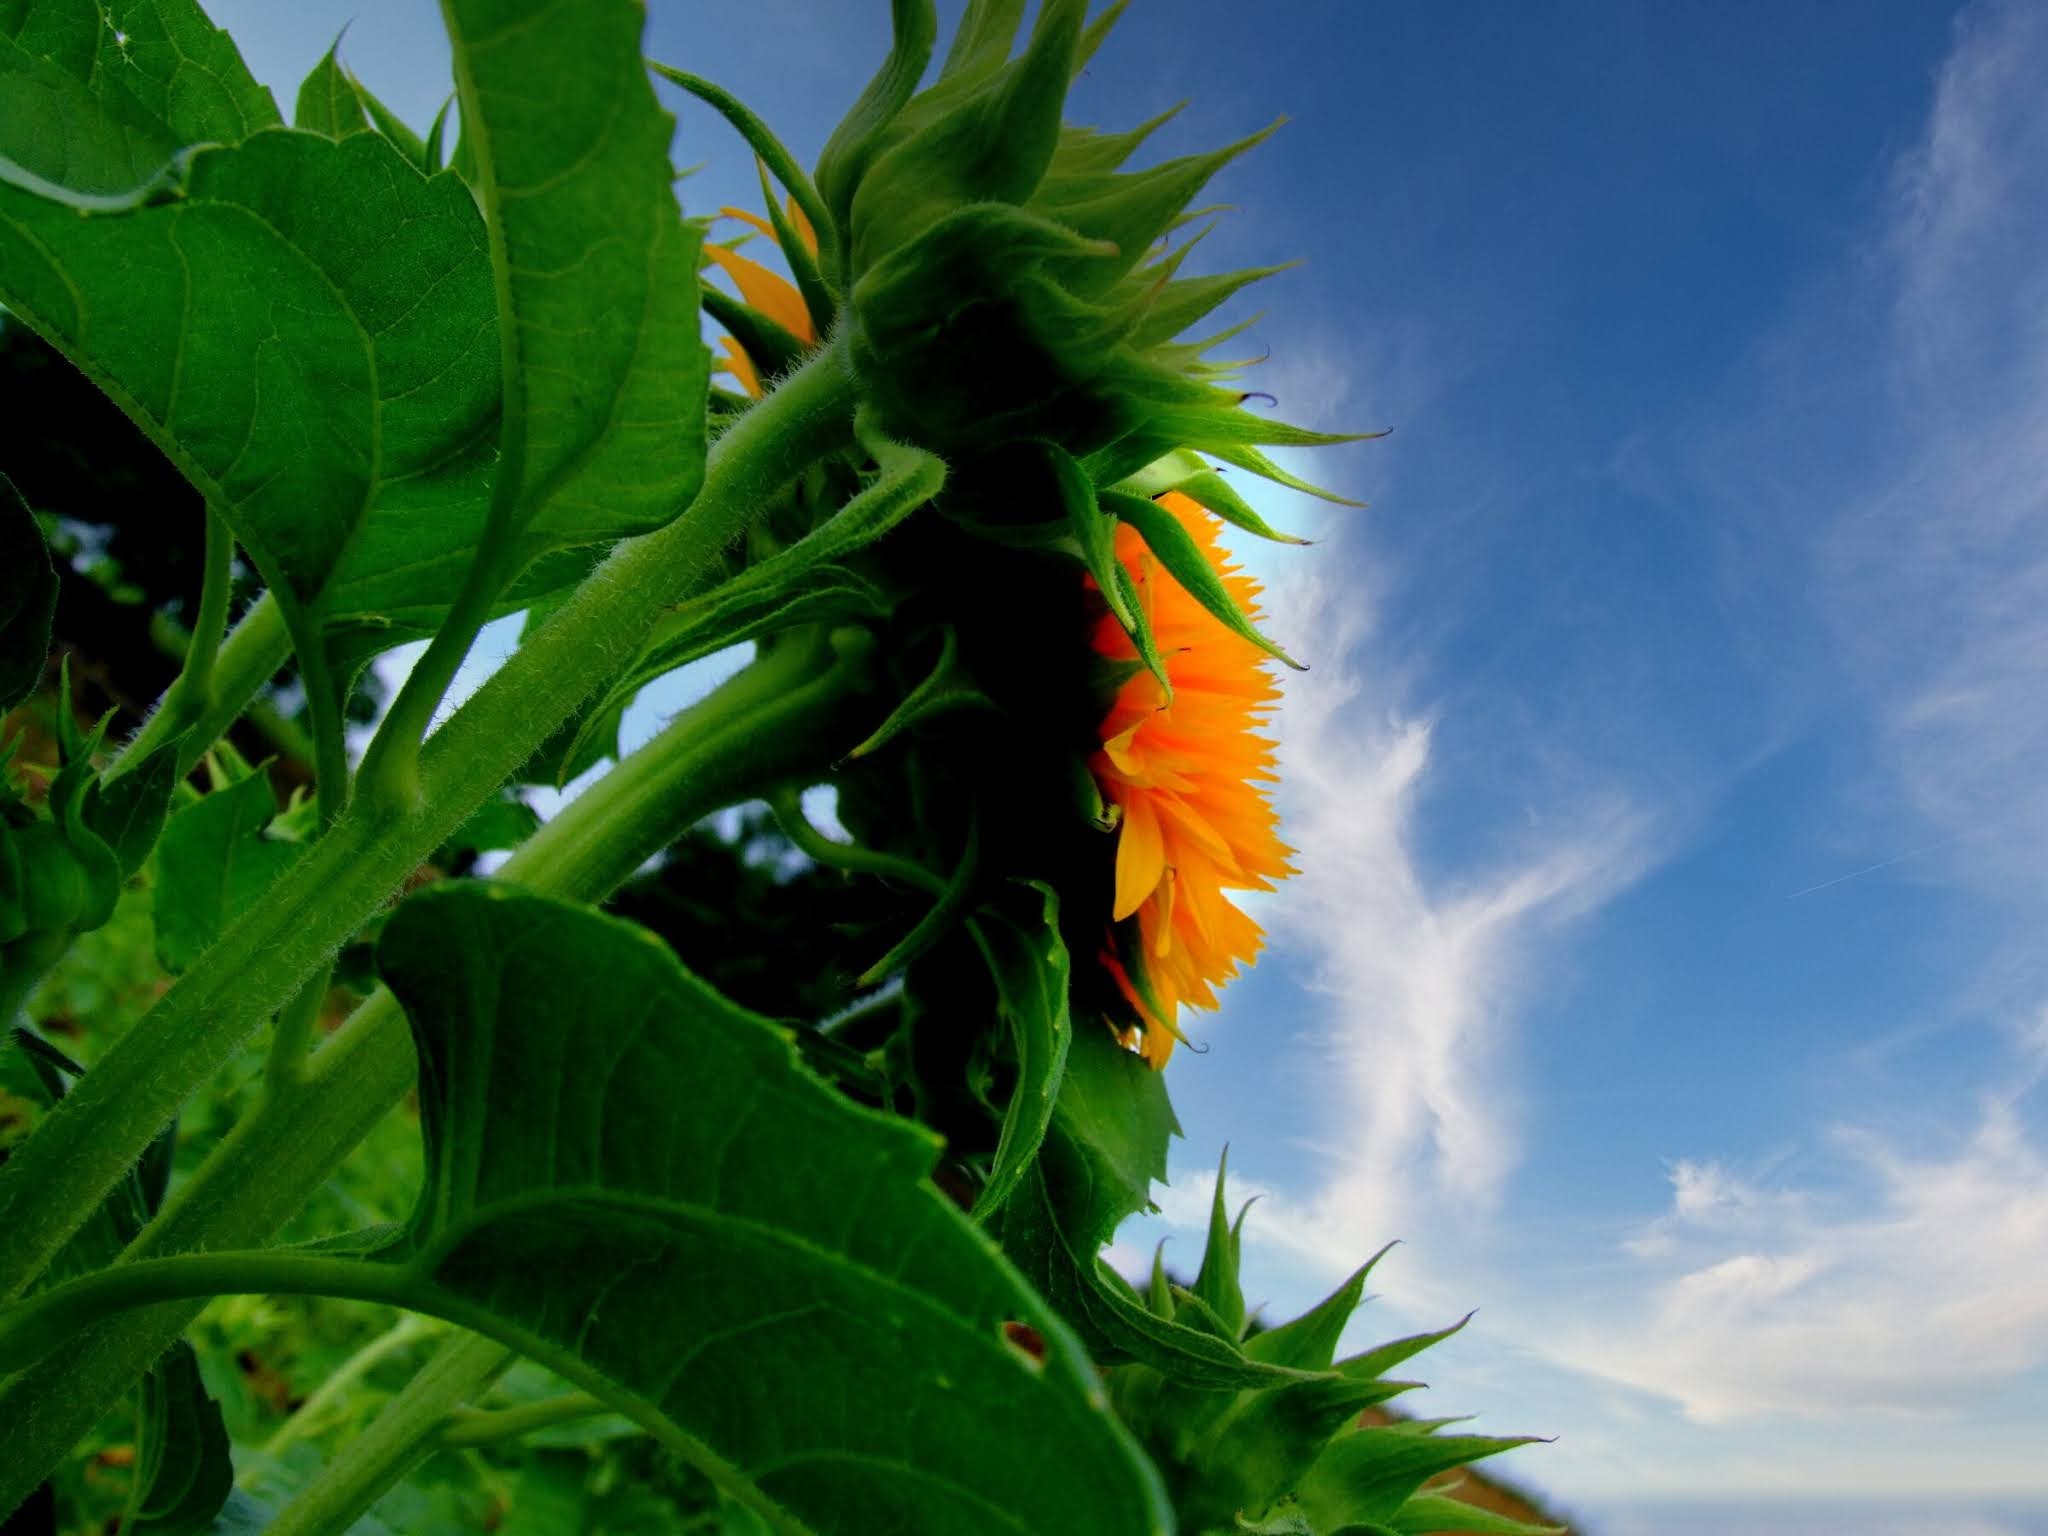 青空 黄色い向日葵(ヒマワリ) ひまわり写真素材 ゴッホのひまわり blue sky,yellow sunflower,photo stock,Van Gogh's sunflower